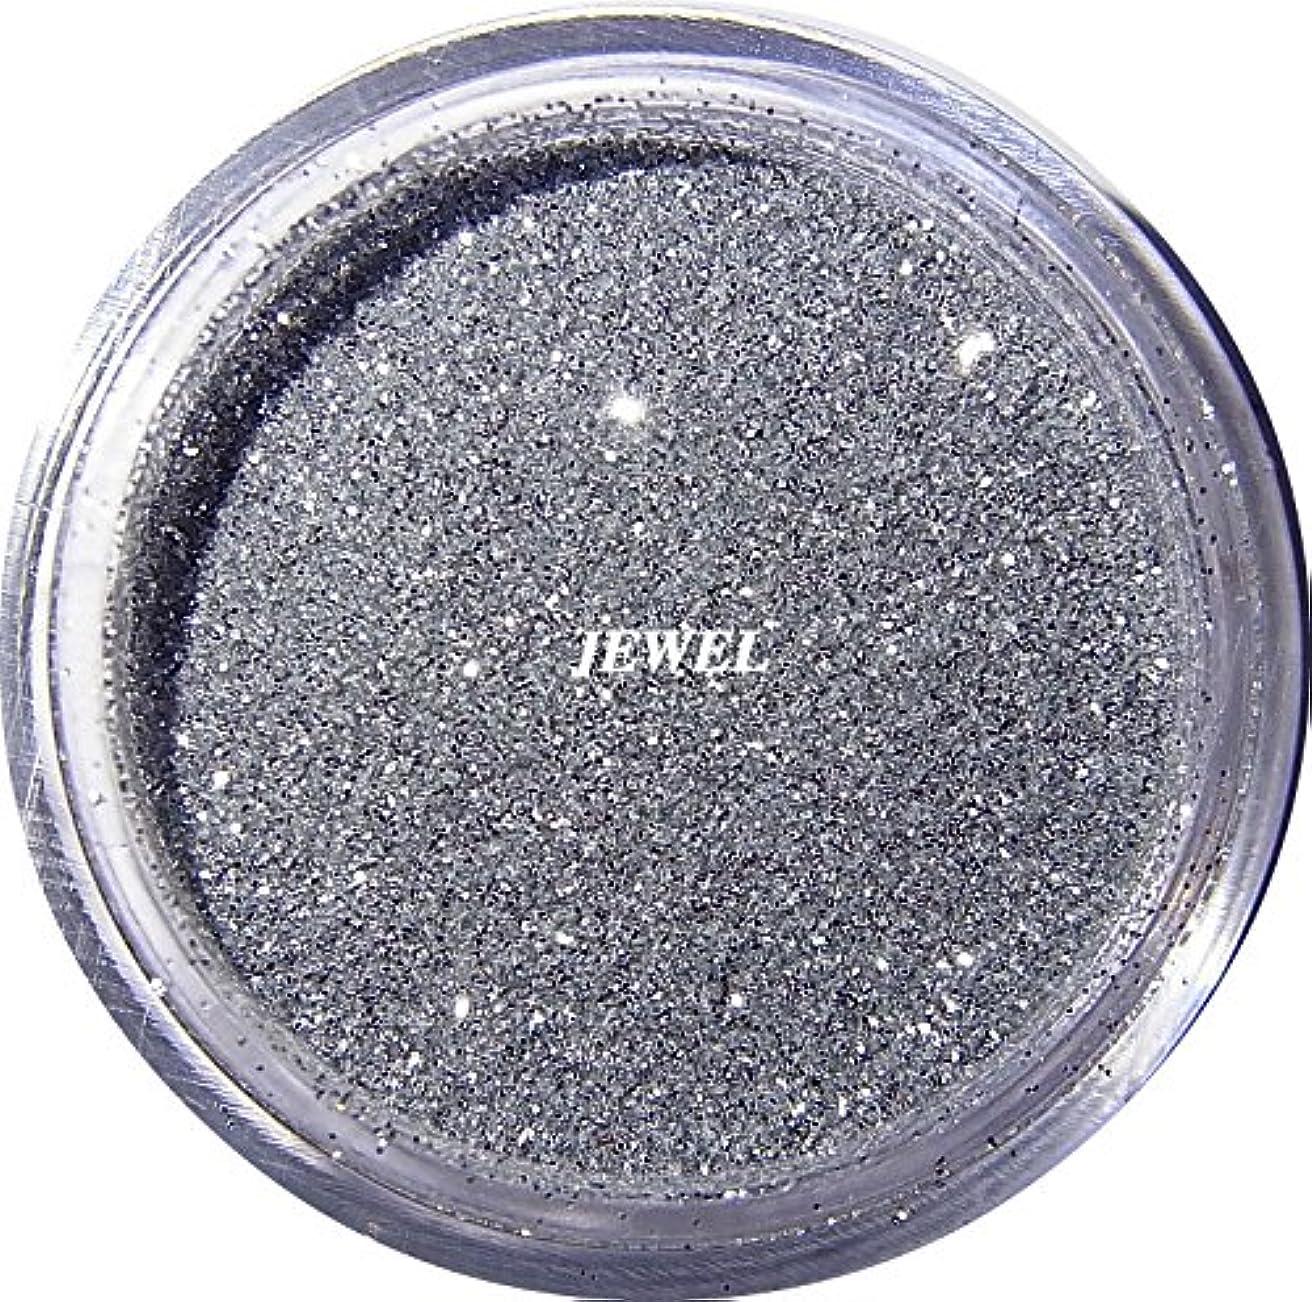 食品正統派不安【jewel】 超微粒子ラメパウダーたっぷり2g入り 12色から選択可能 レジン&ネイル用 (シルバー)